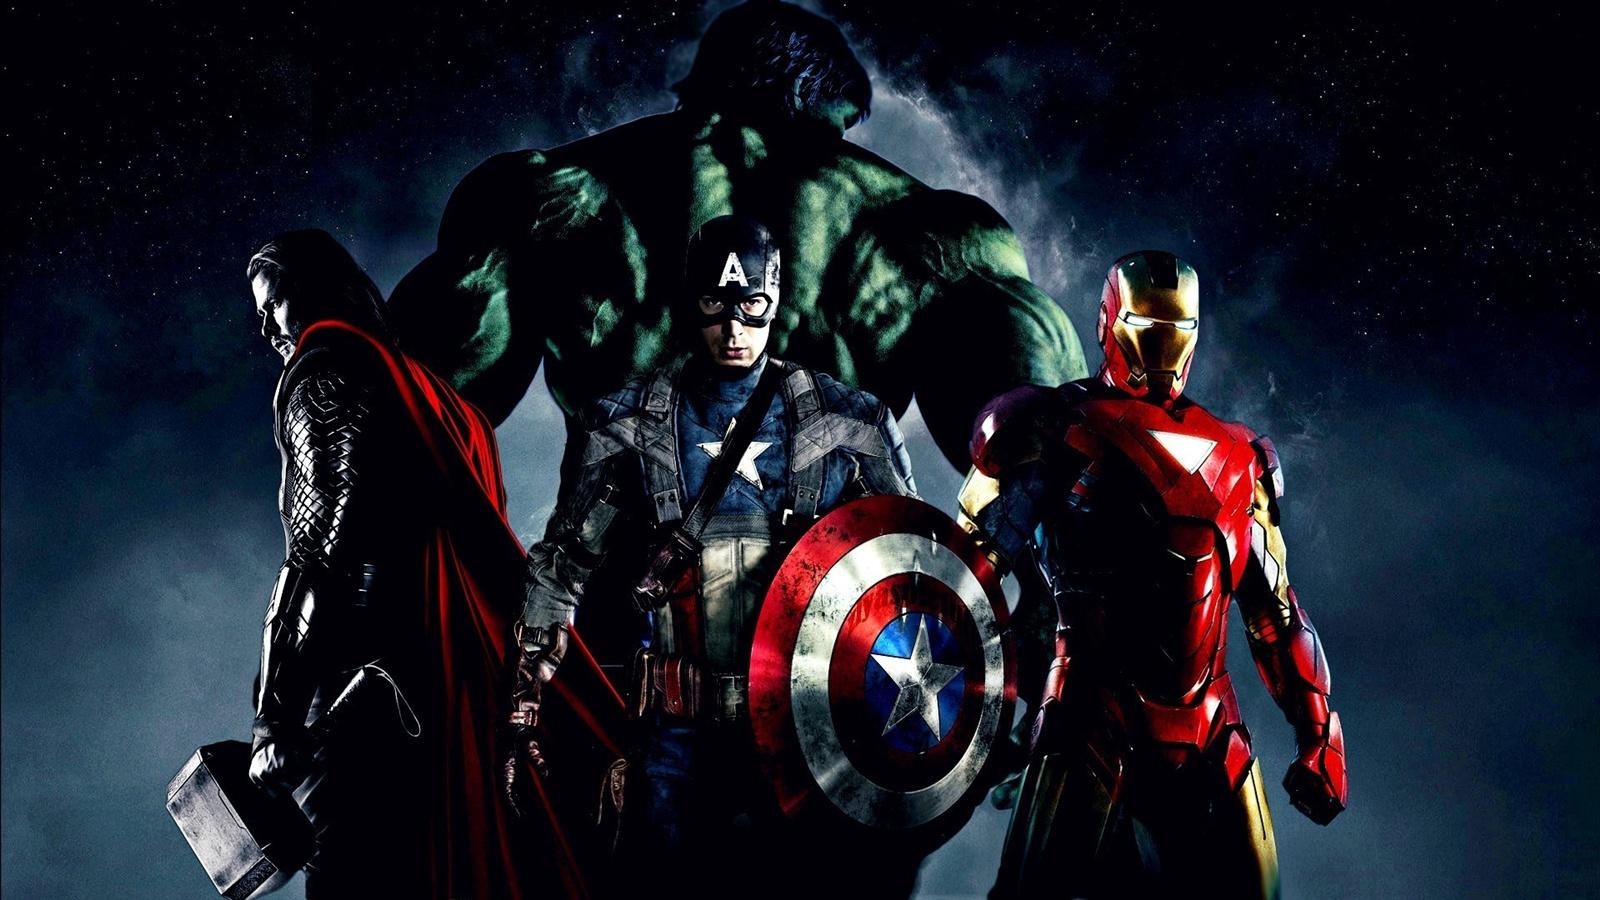 The avengers 2012 films fonds d'écran - 1600x900